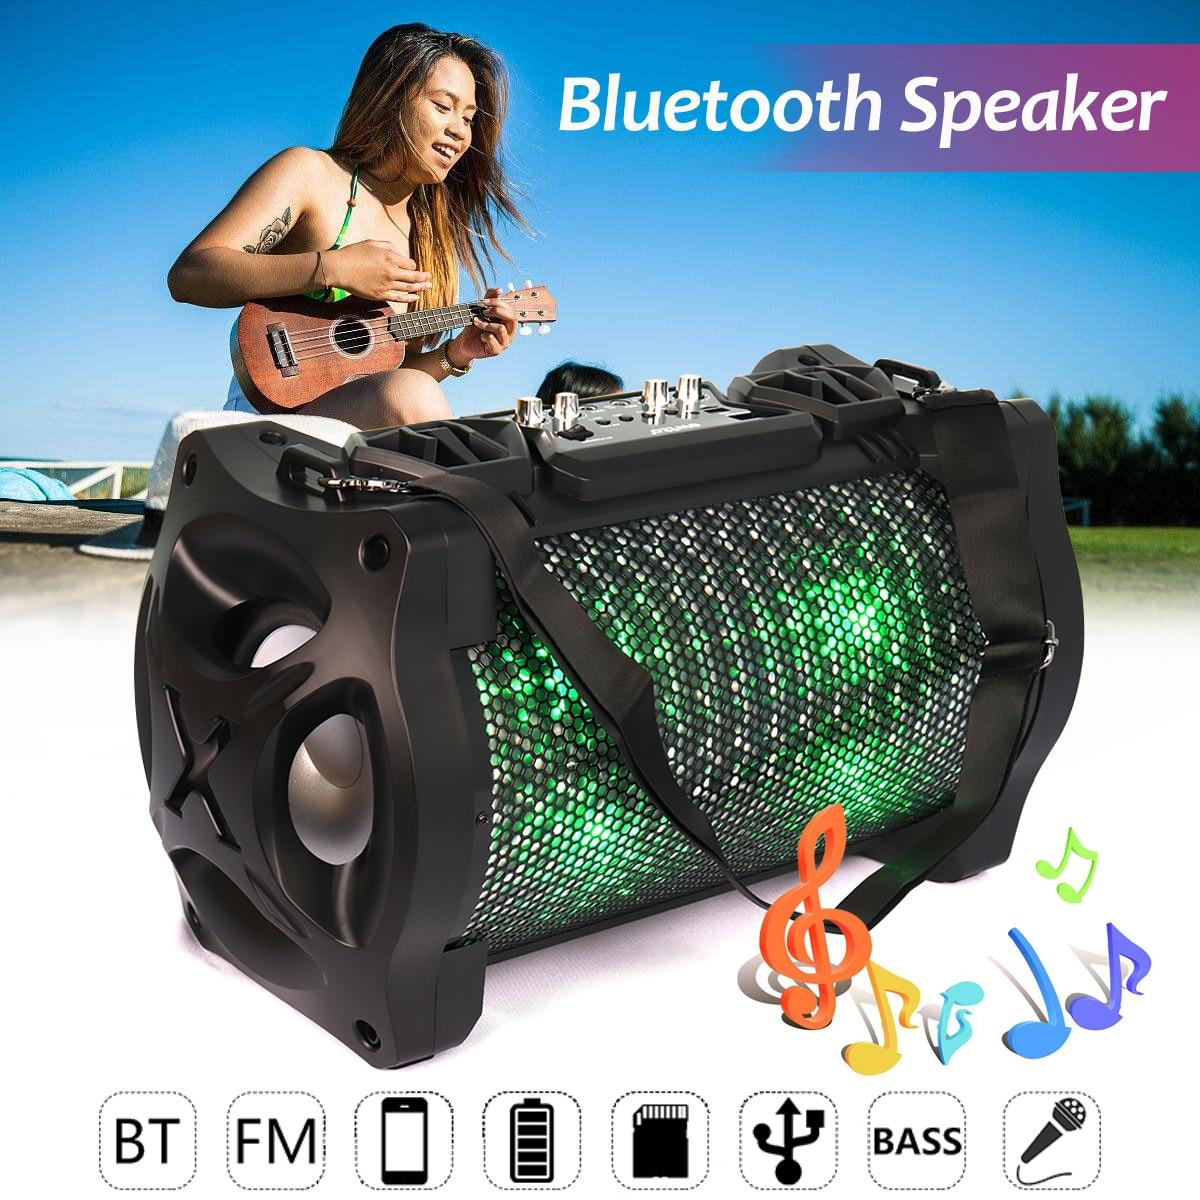 Portatif extérieur Subwoofer Haut-Parleur Bluetooth Karabale avec Microphone Stéréo FM Radio AUX/USB/TF Carte Musique joueur